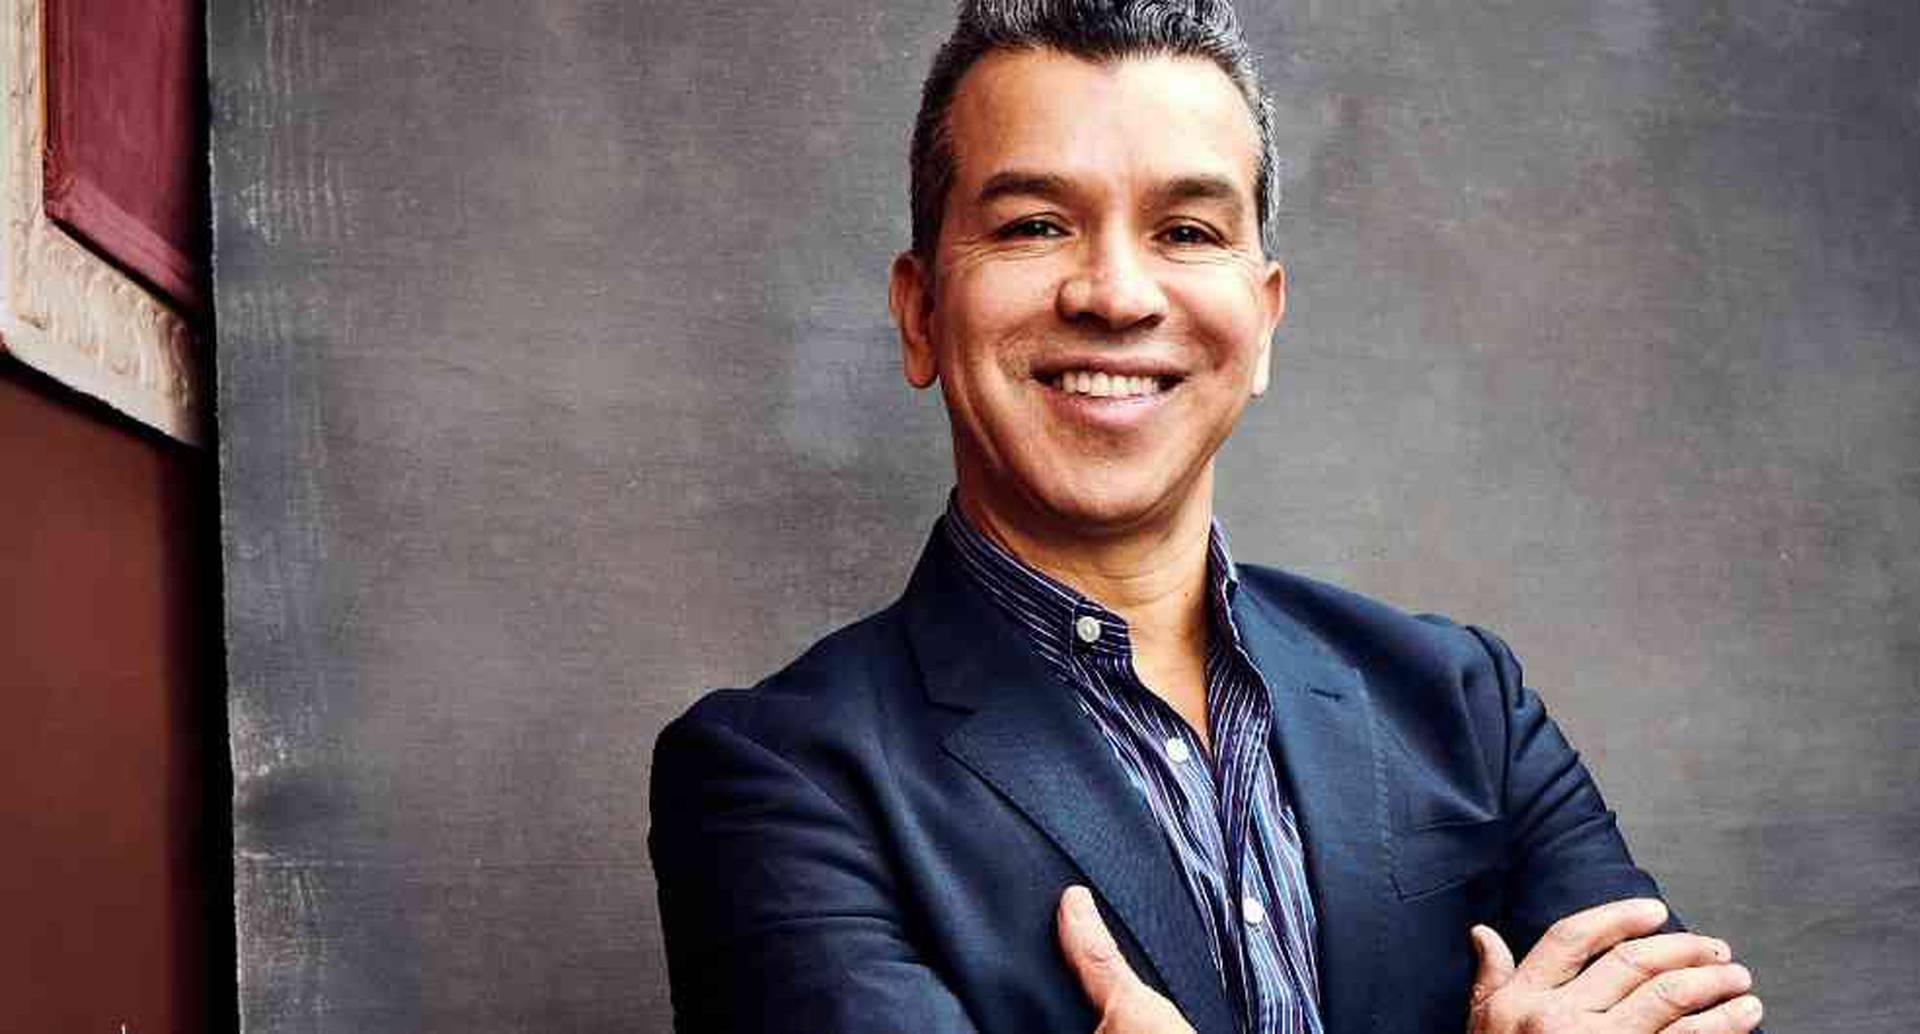 A sus 50 años, Trujillo ha hablado con Maluma y el Grupo Niche para explorar la posibilidad de hacer un espectáculo en Colombia.